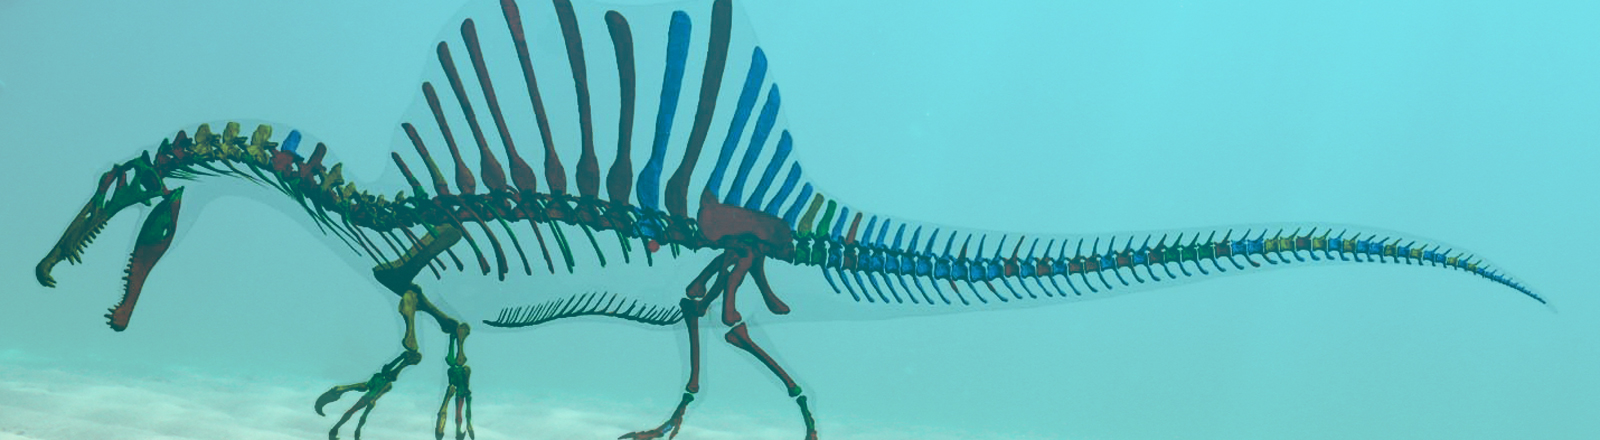 Das Bild zeigt eine digitale Darstellung des Skeletts des Spinosaurus. Der vor 95 Millionen Jahren lebende Spinosaurus war der größte jemals lebende Raubsaurier, der auch schwimmen konnte.